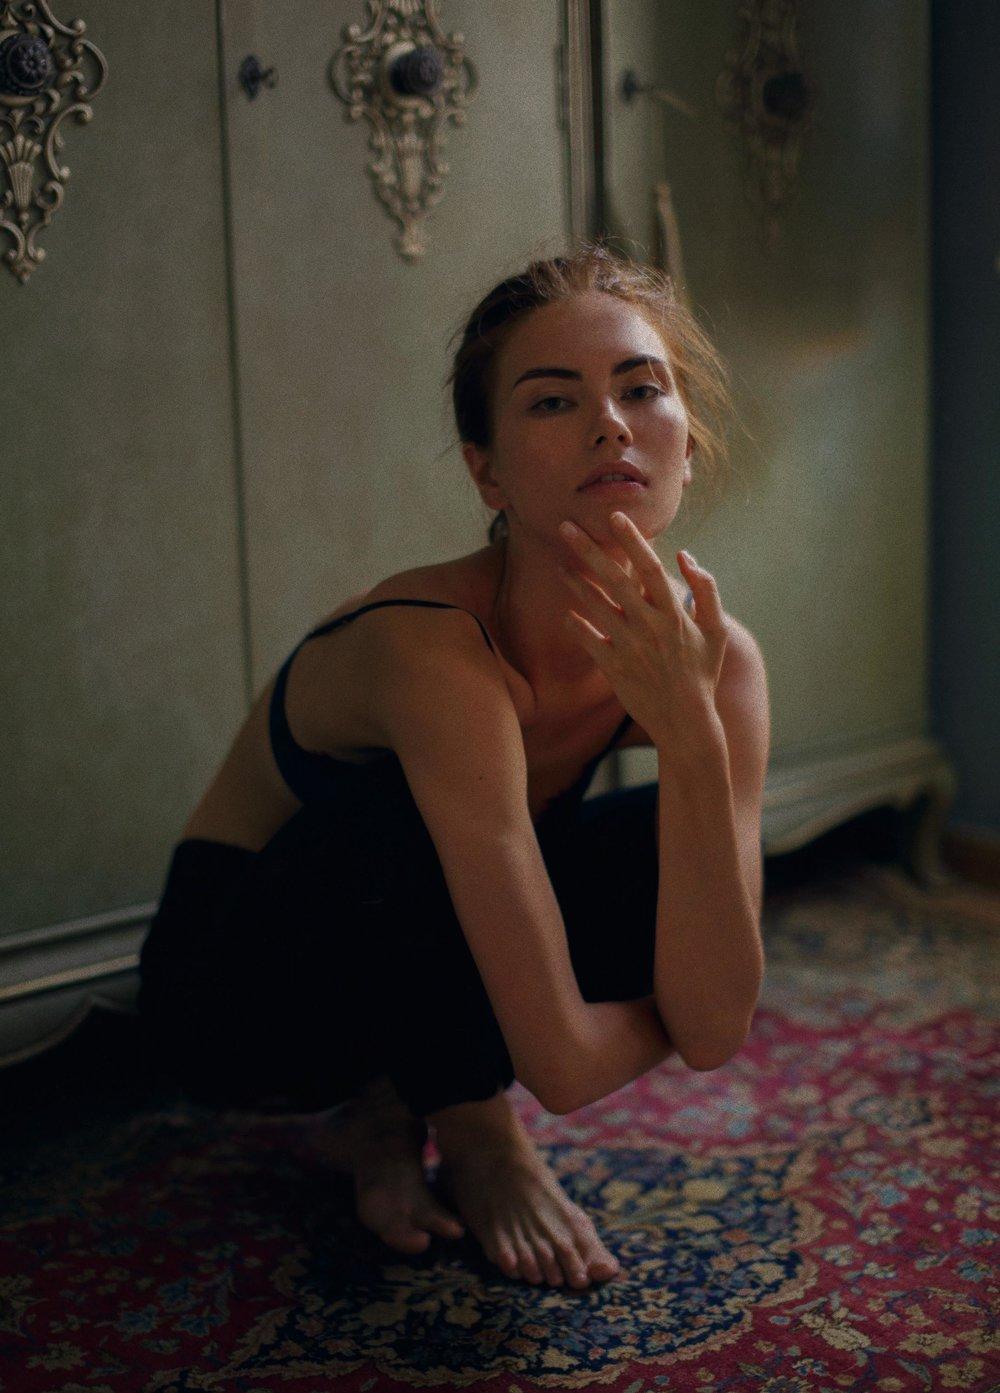 Anastasia Kuyvasheva by Cayetano González